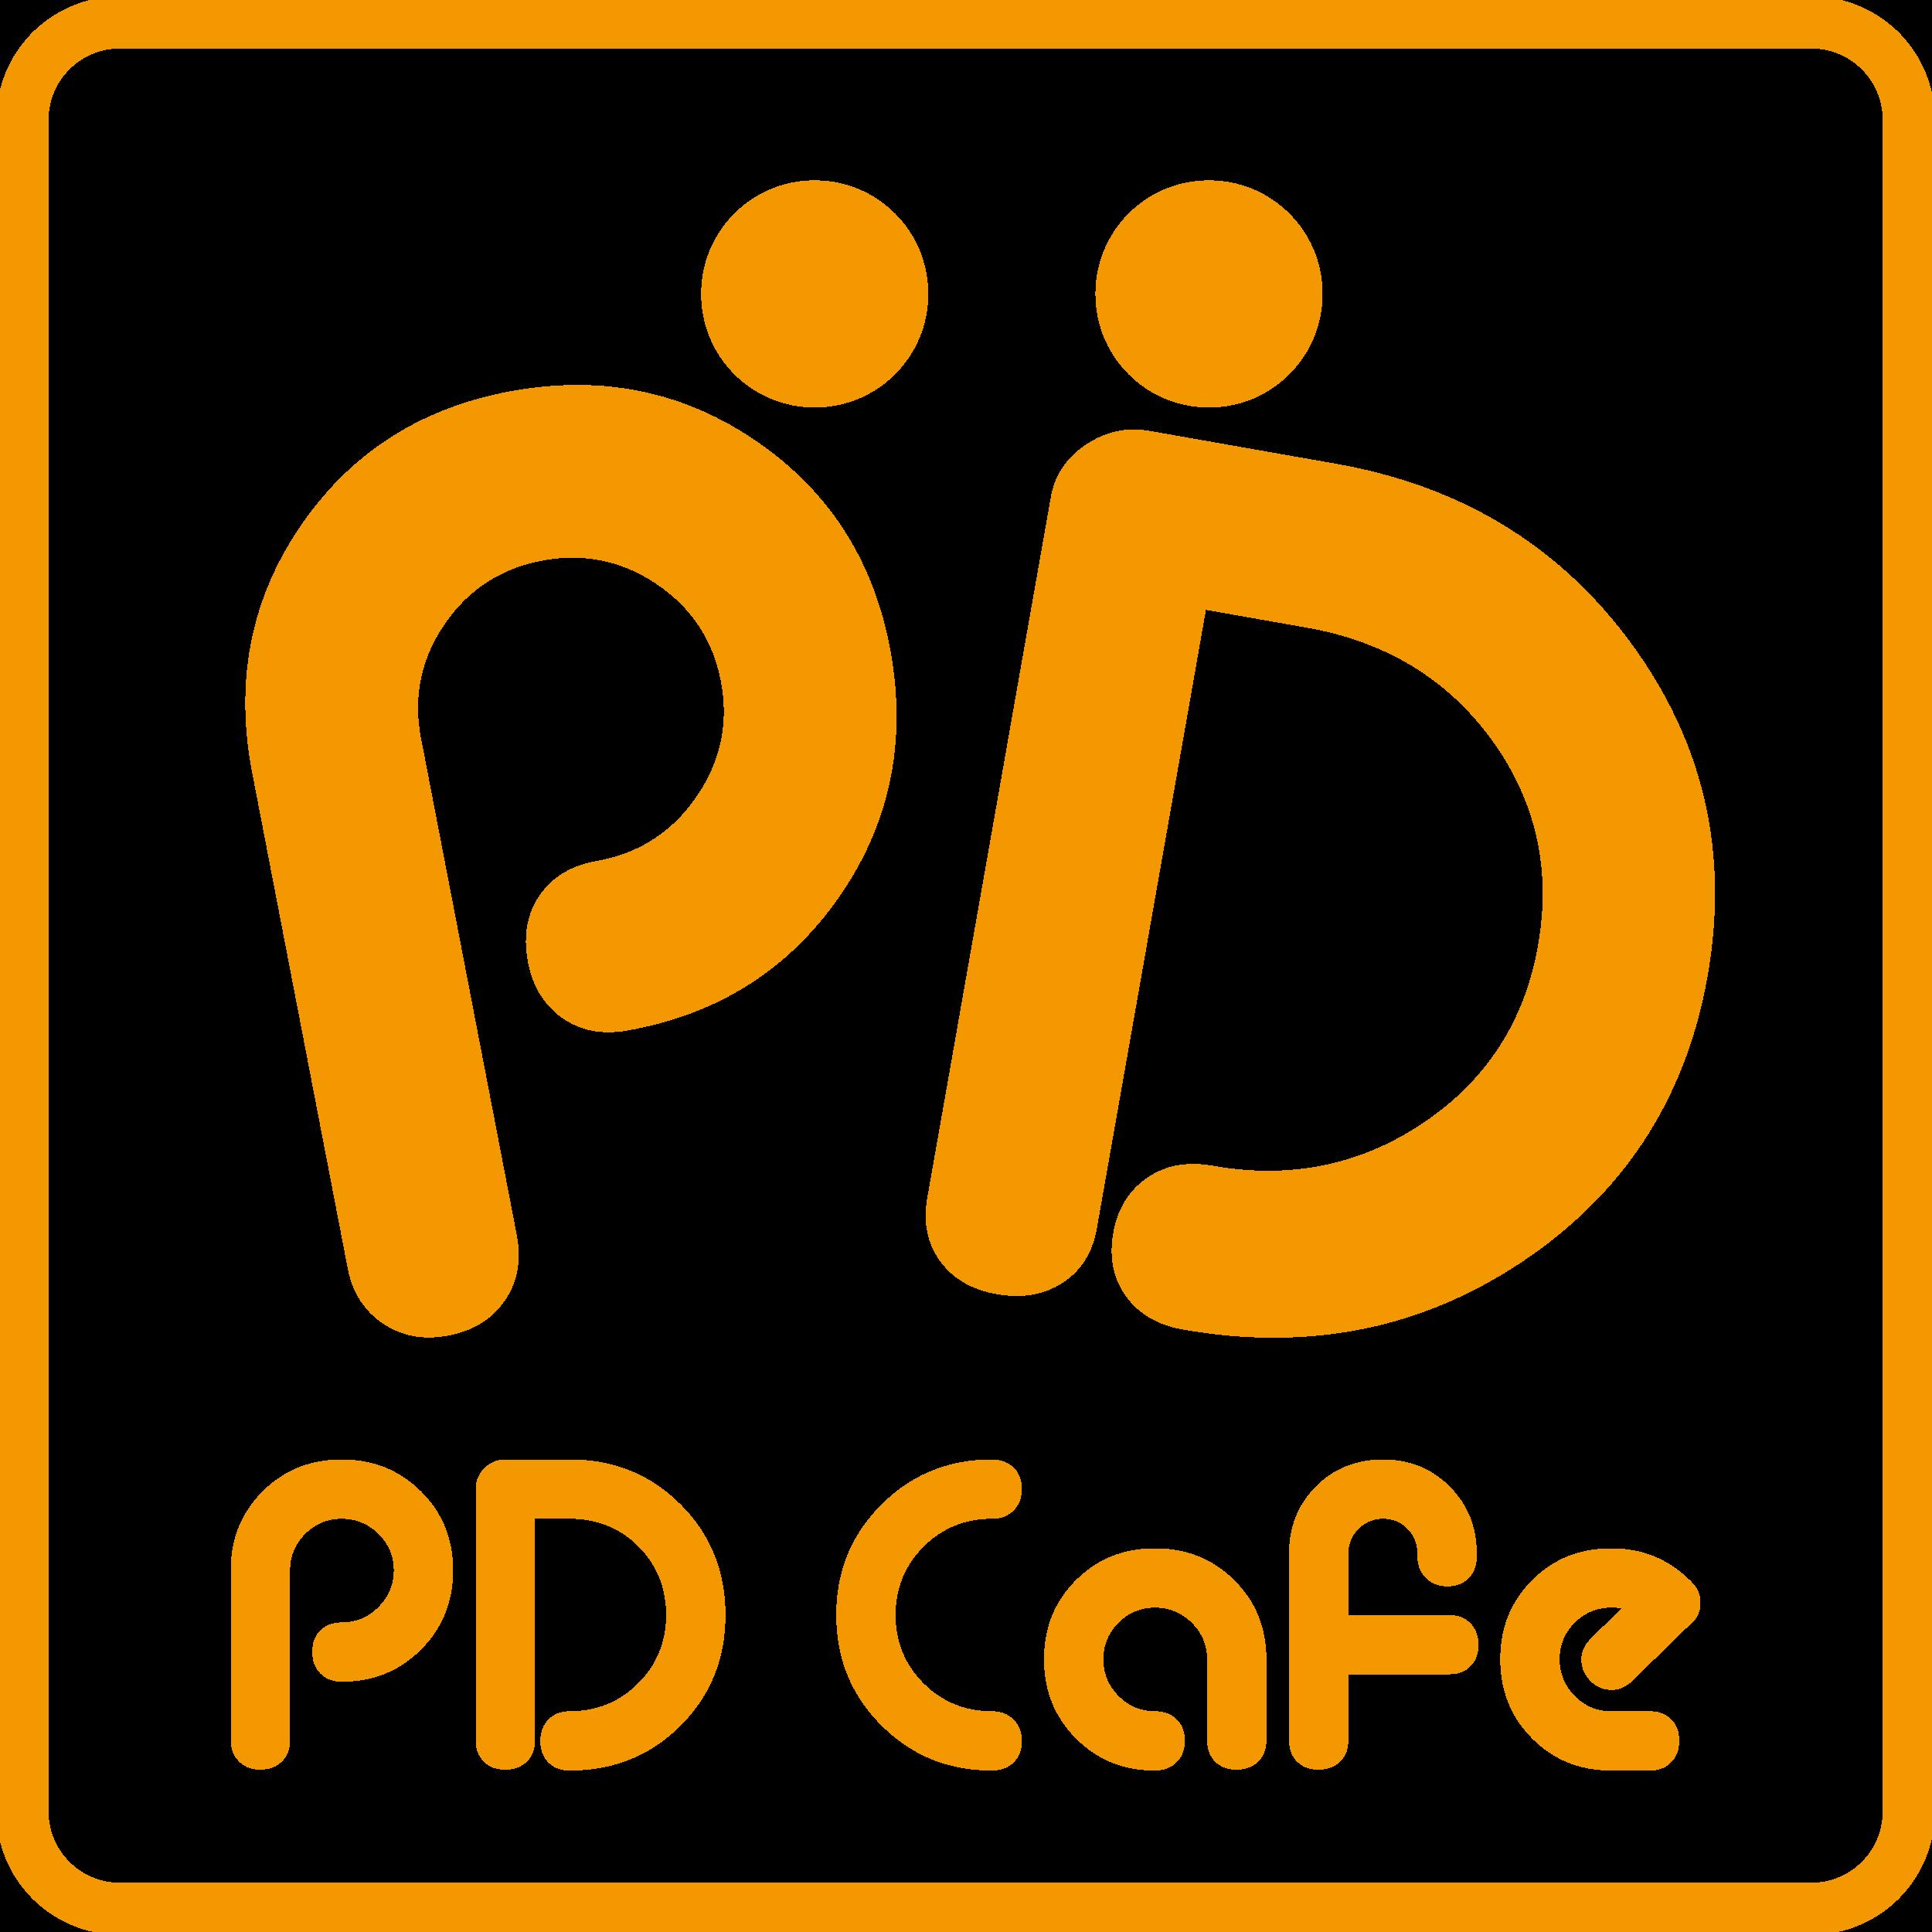 PD cafe shop